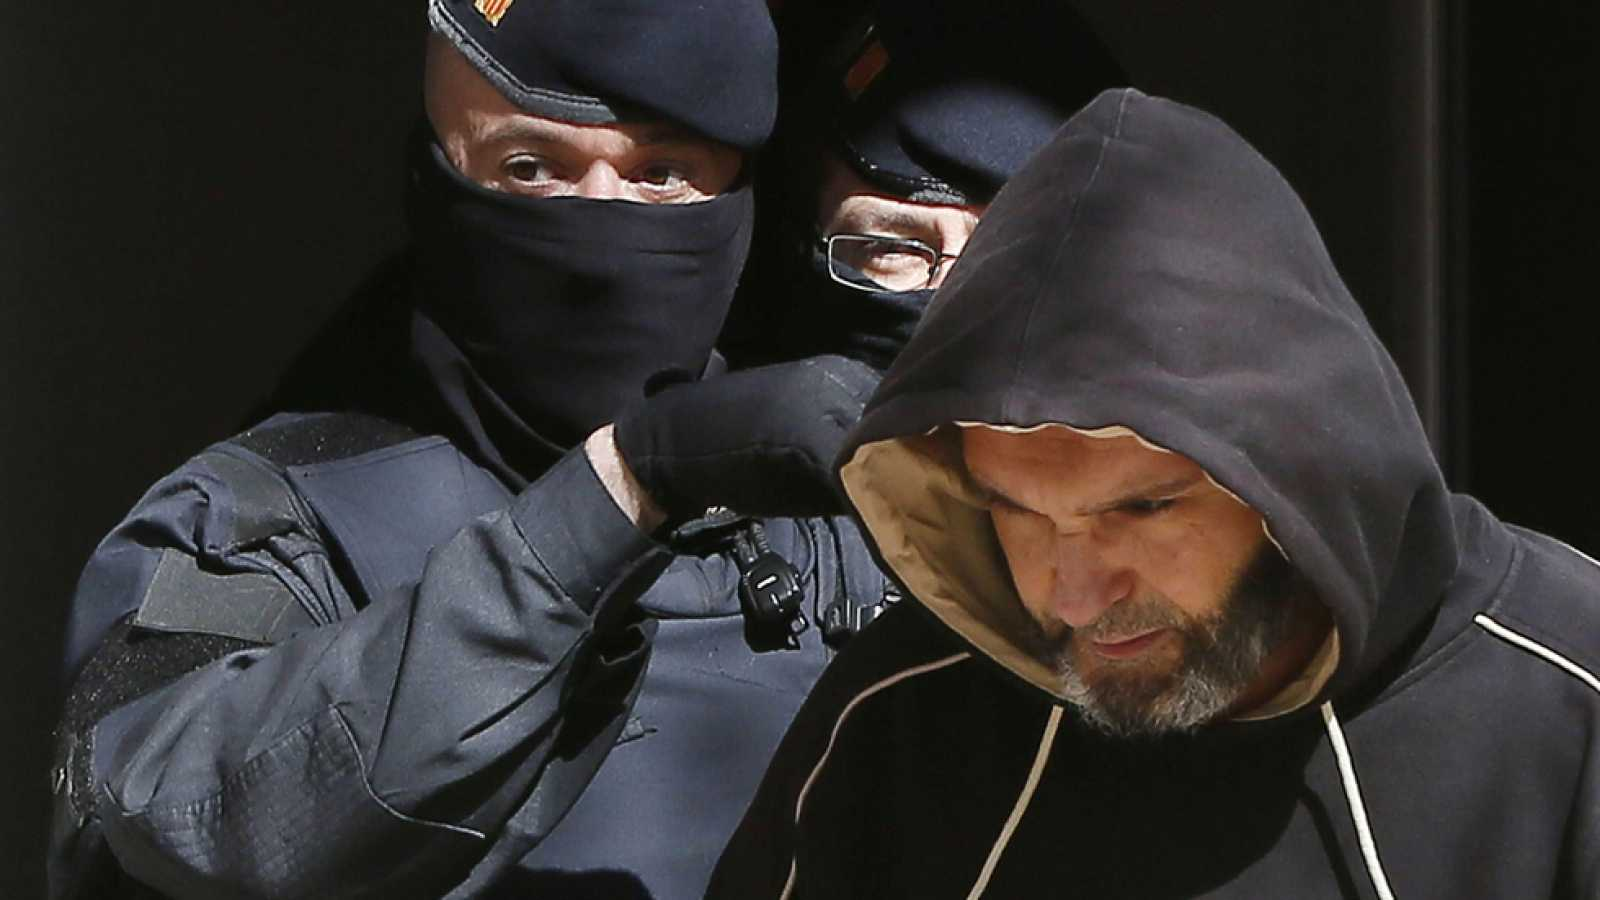 """Los mossos desarticulan una célula yihadista con """"voluntad explícita"""" de atentar en Cataluña"""